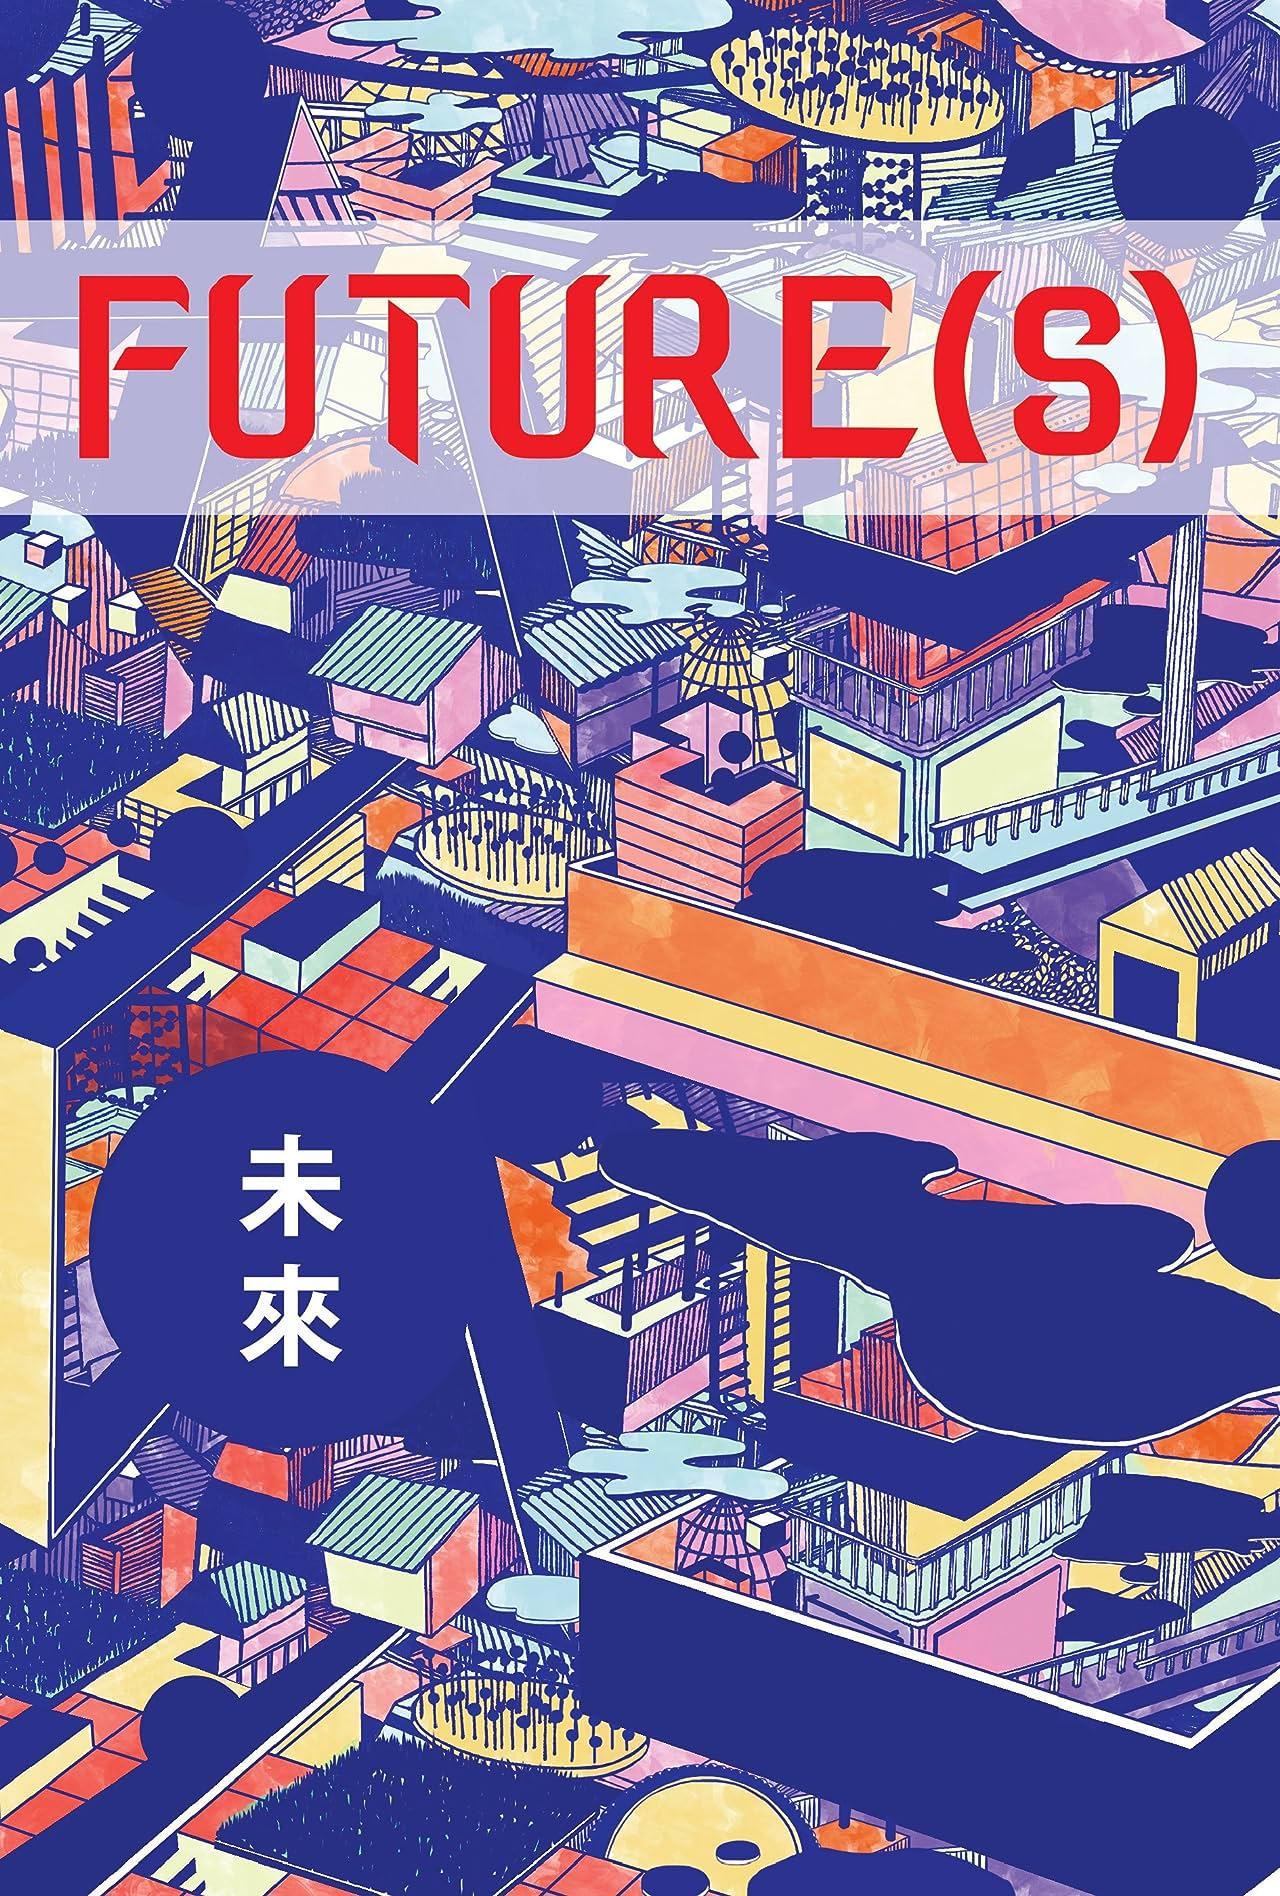 FUTURE(S)